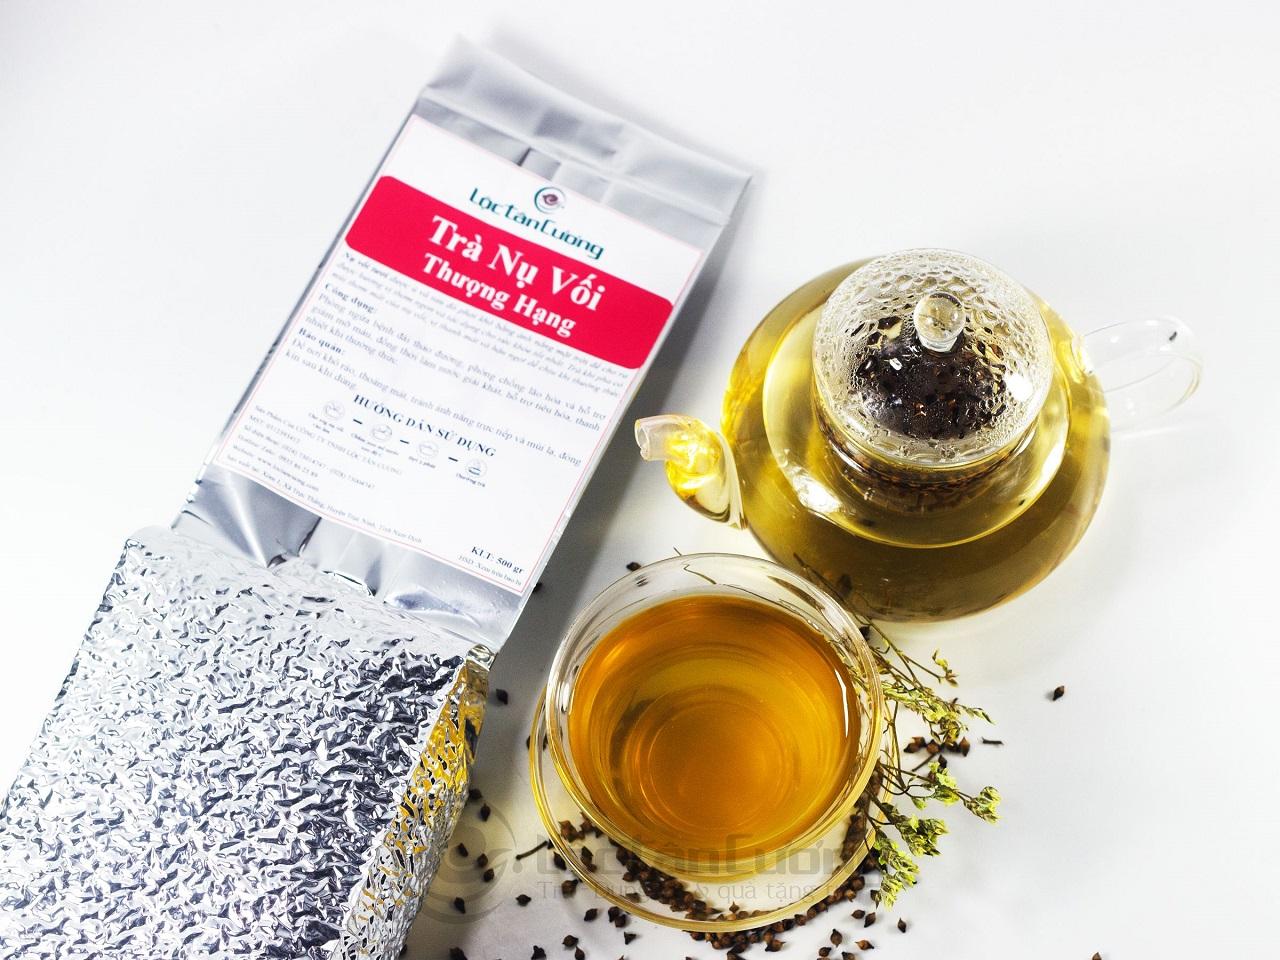 Sản phẩm trà nụ vối Lộc Tân Cương được đóng gói bằng túi thiếc có hút chân không, giúp trà được bảo quản lâu hơn mà không làm mất đi hương thơm của trà